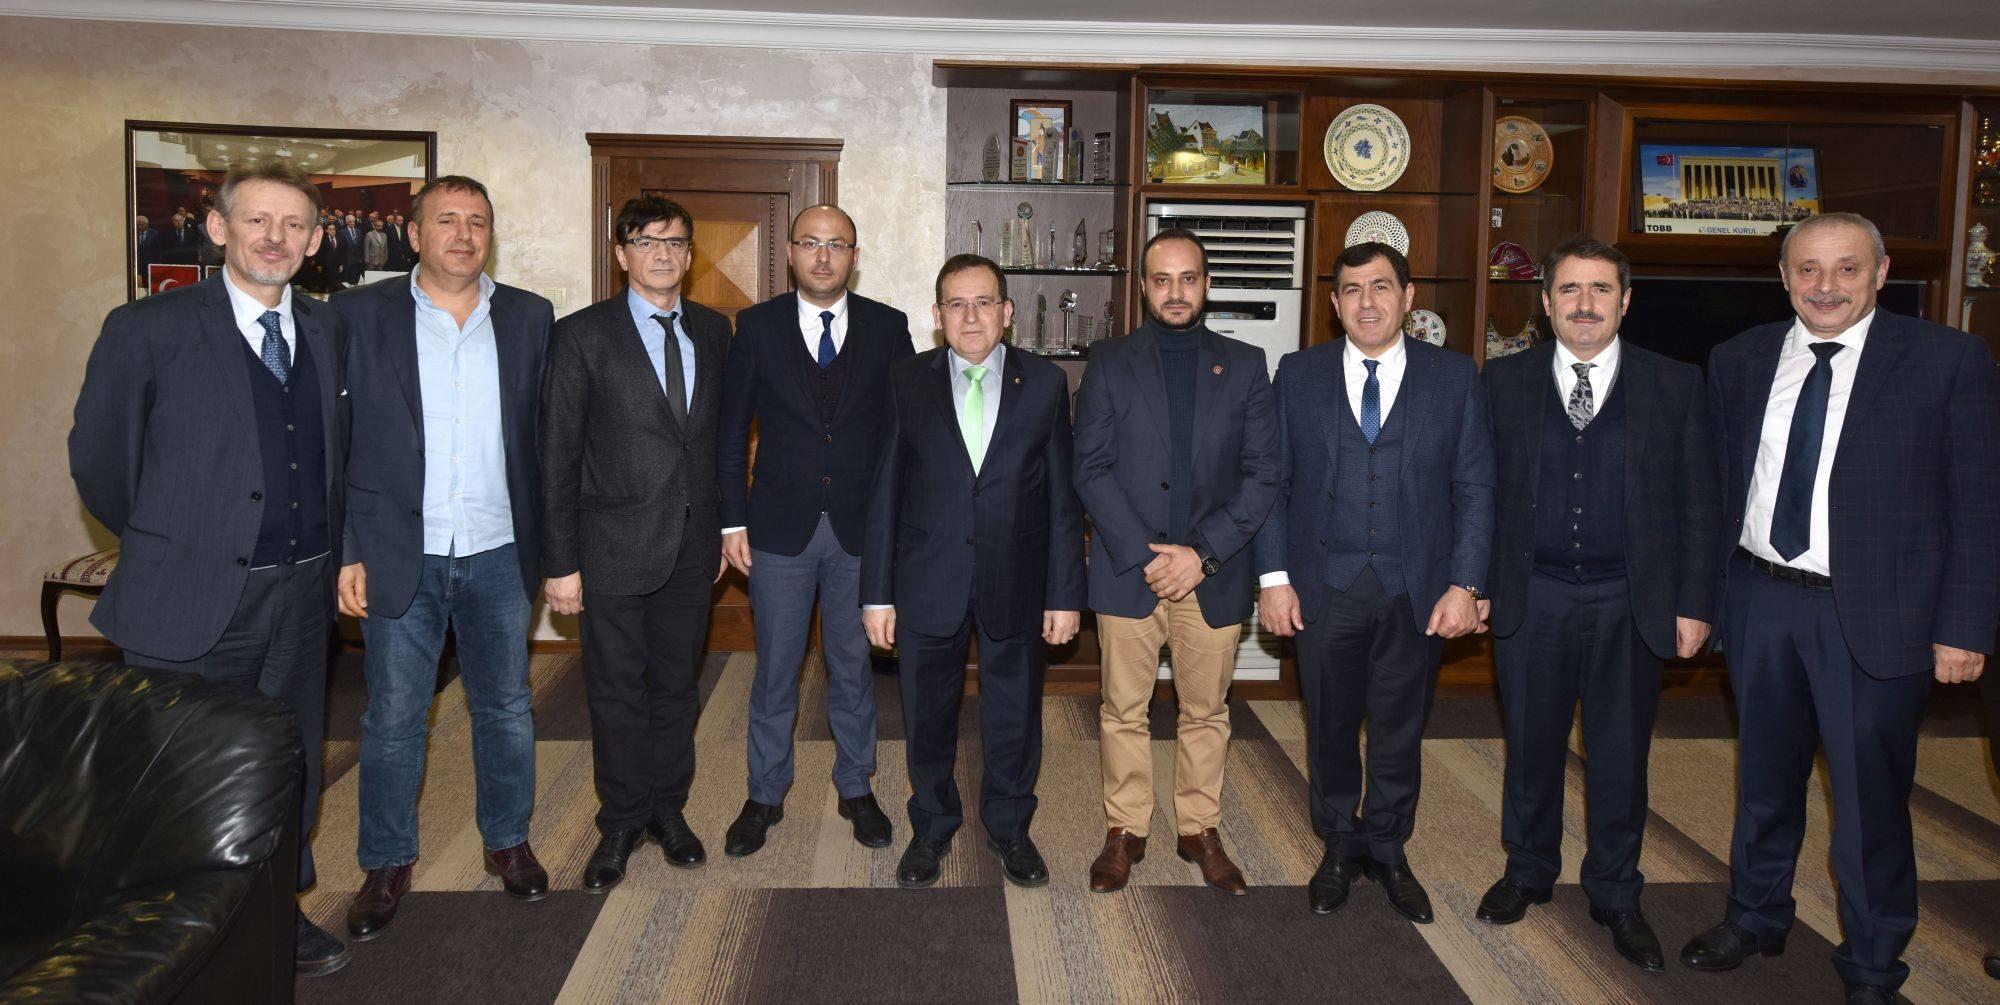 Trabzon'un tanıtımı tüm yönleriyle yapılacak